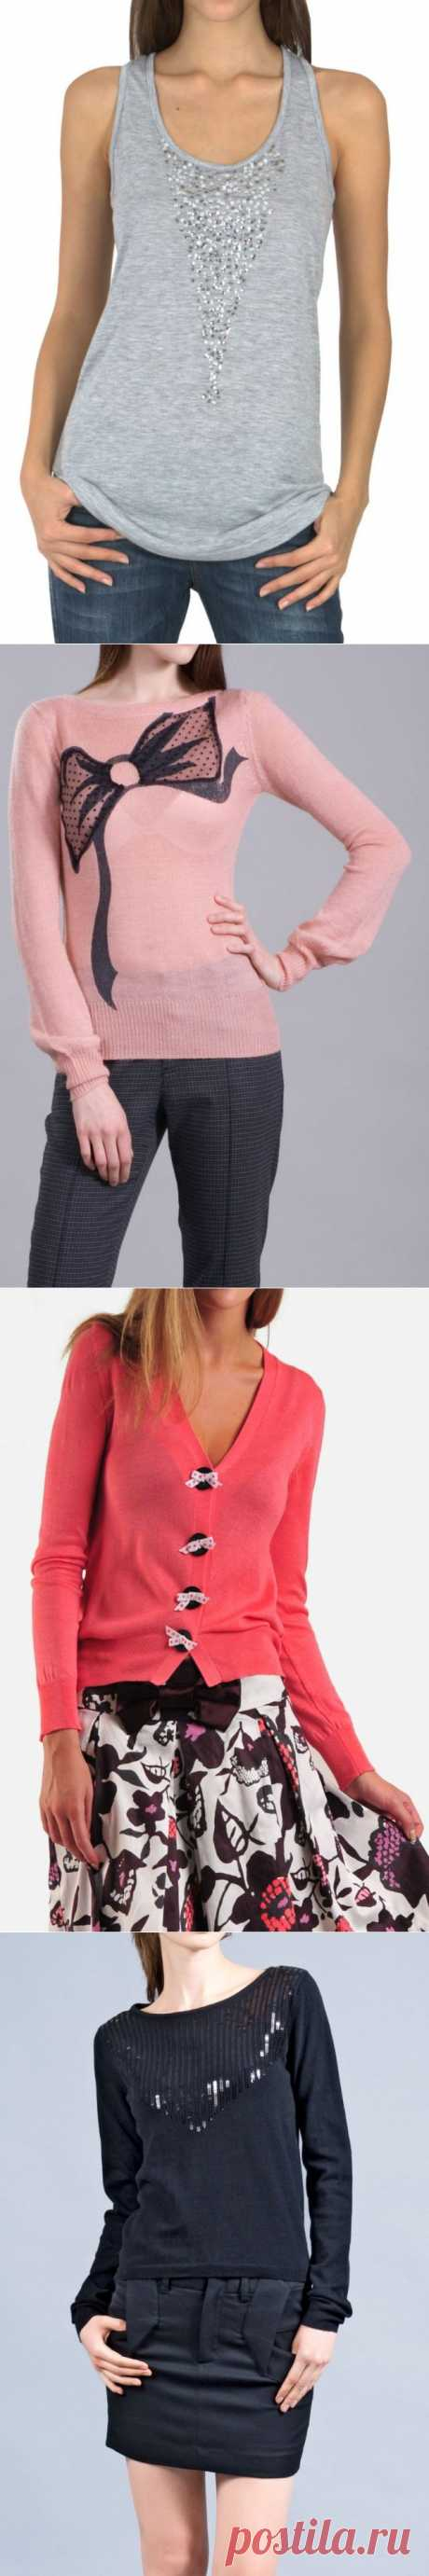 Подсмотренные идеи / Декор / Модный сайт о стильной переделке одежды и интерьера